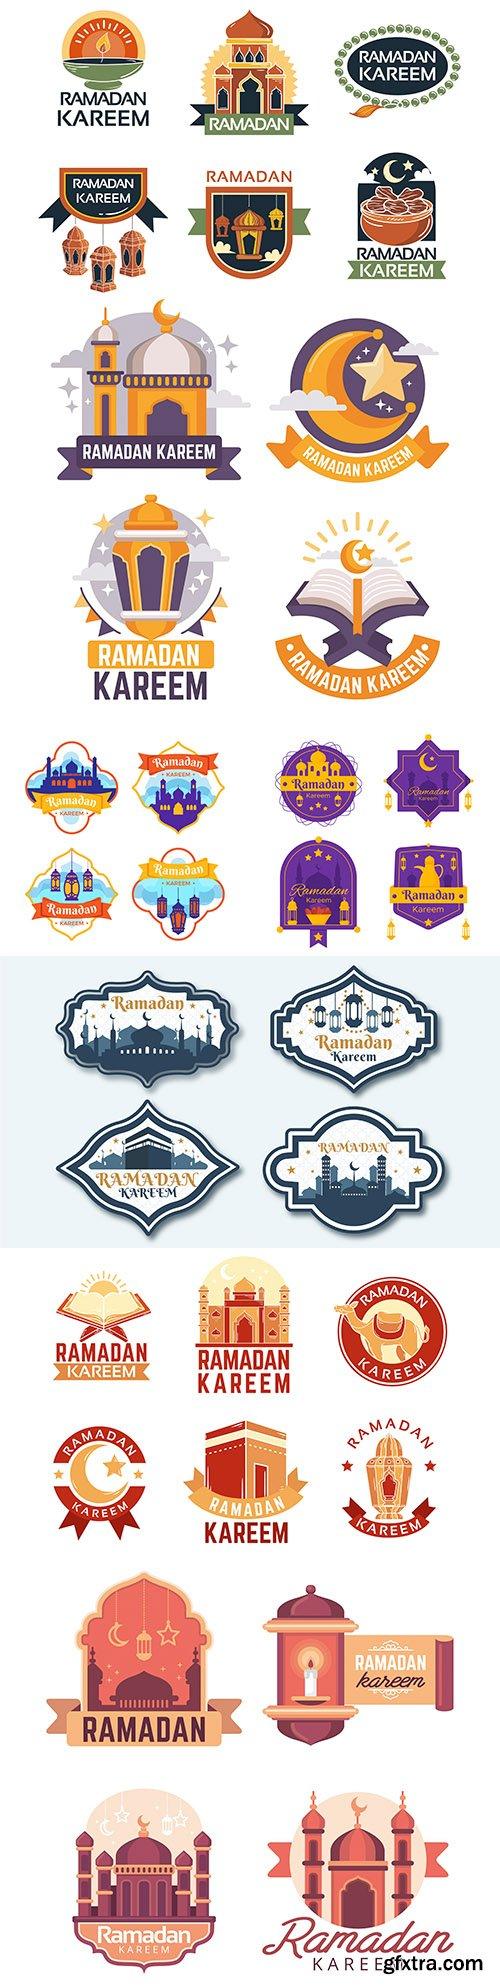 Ramadan Kareem design flat collection emblems